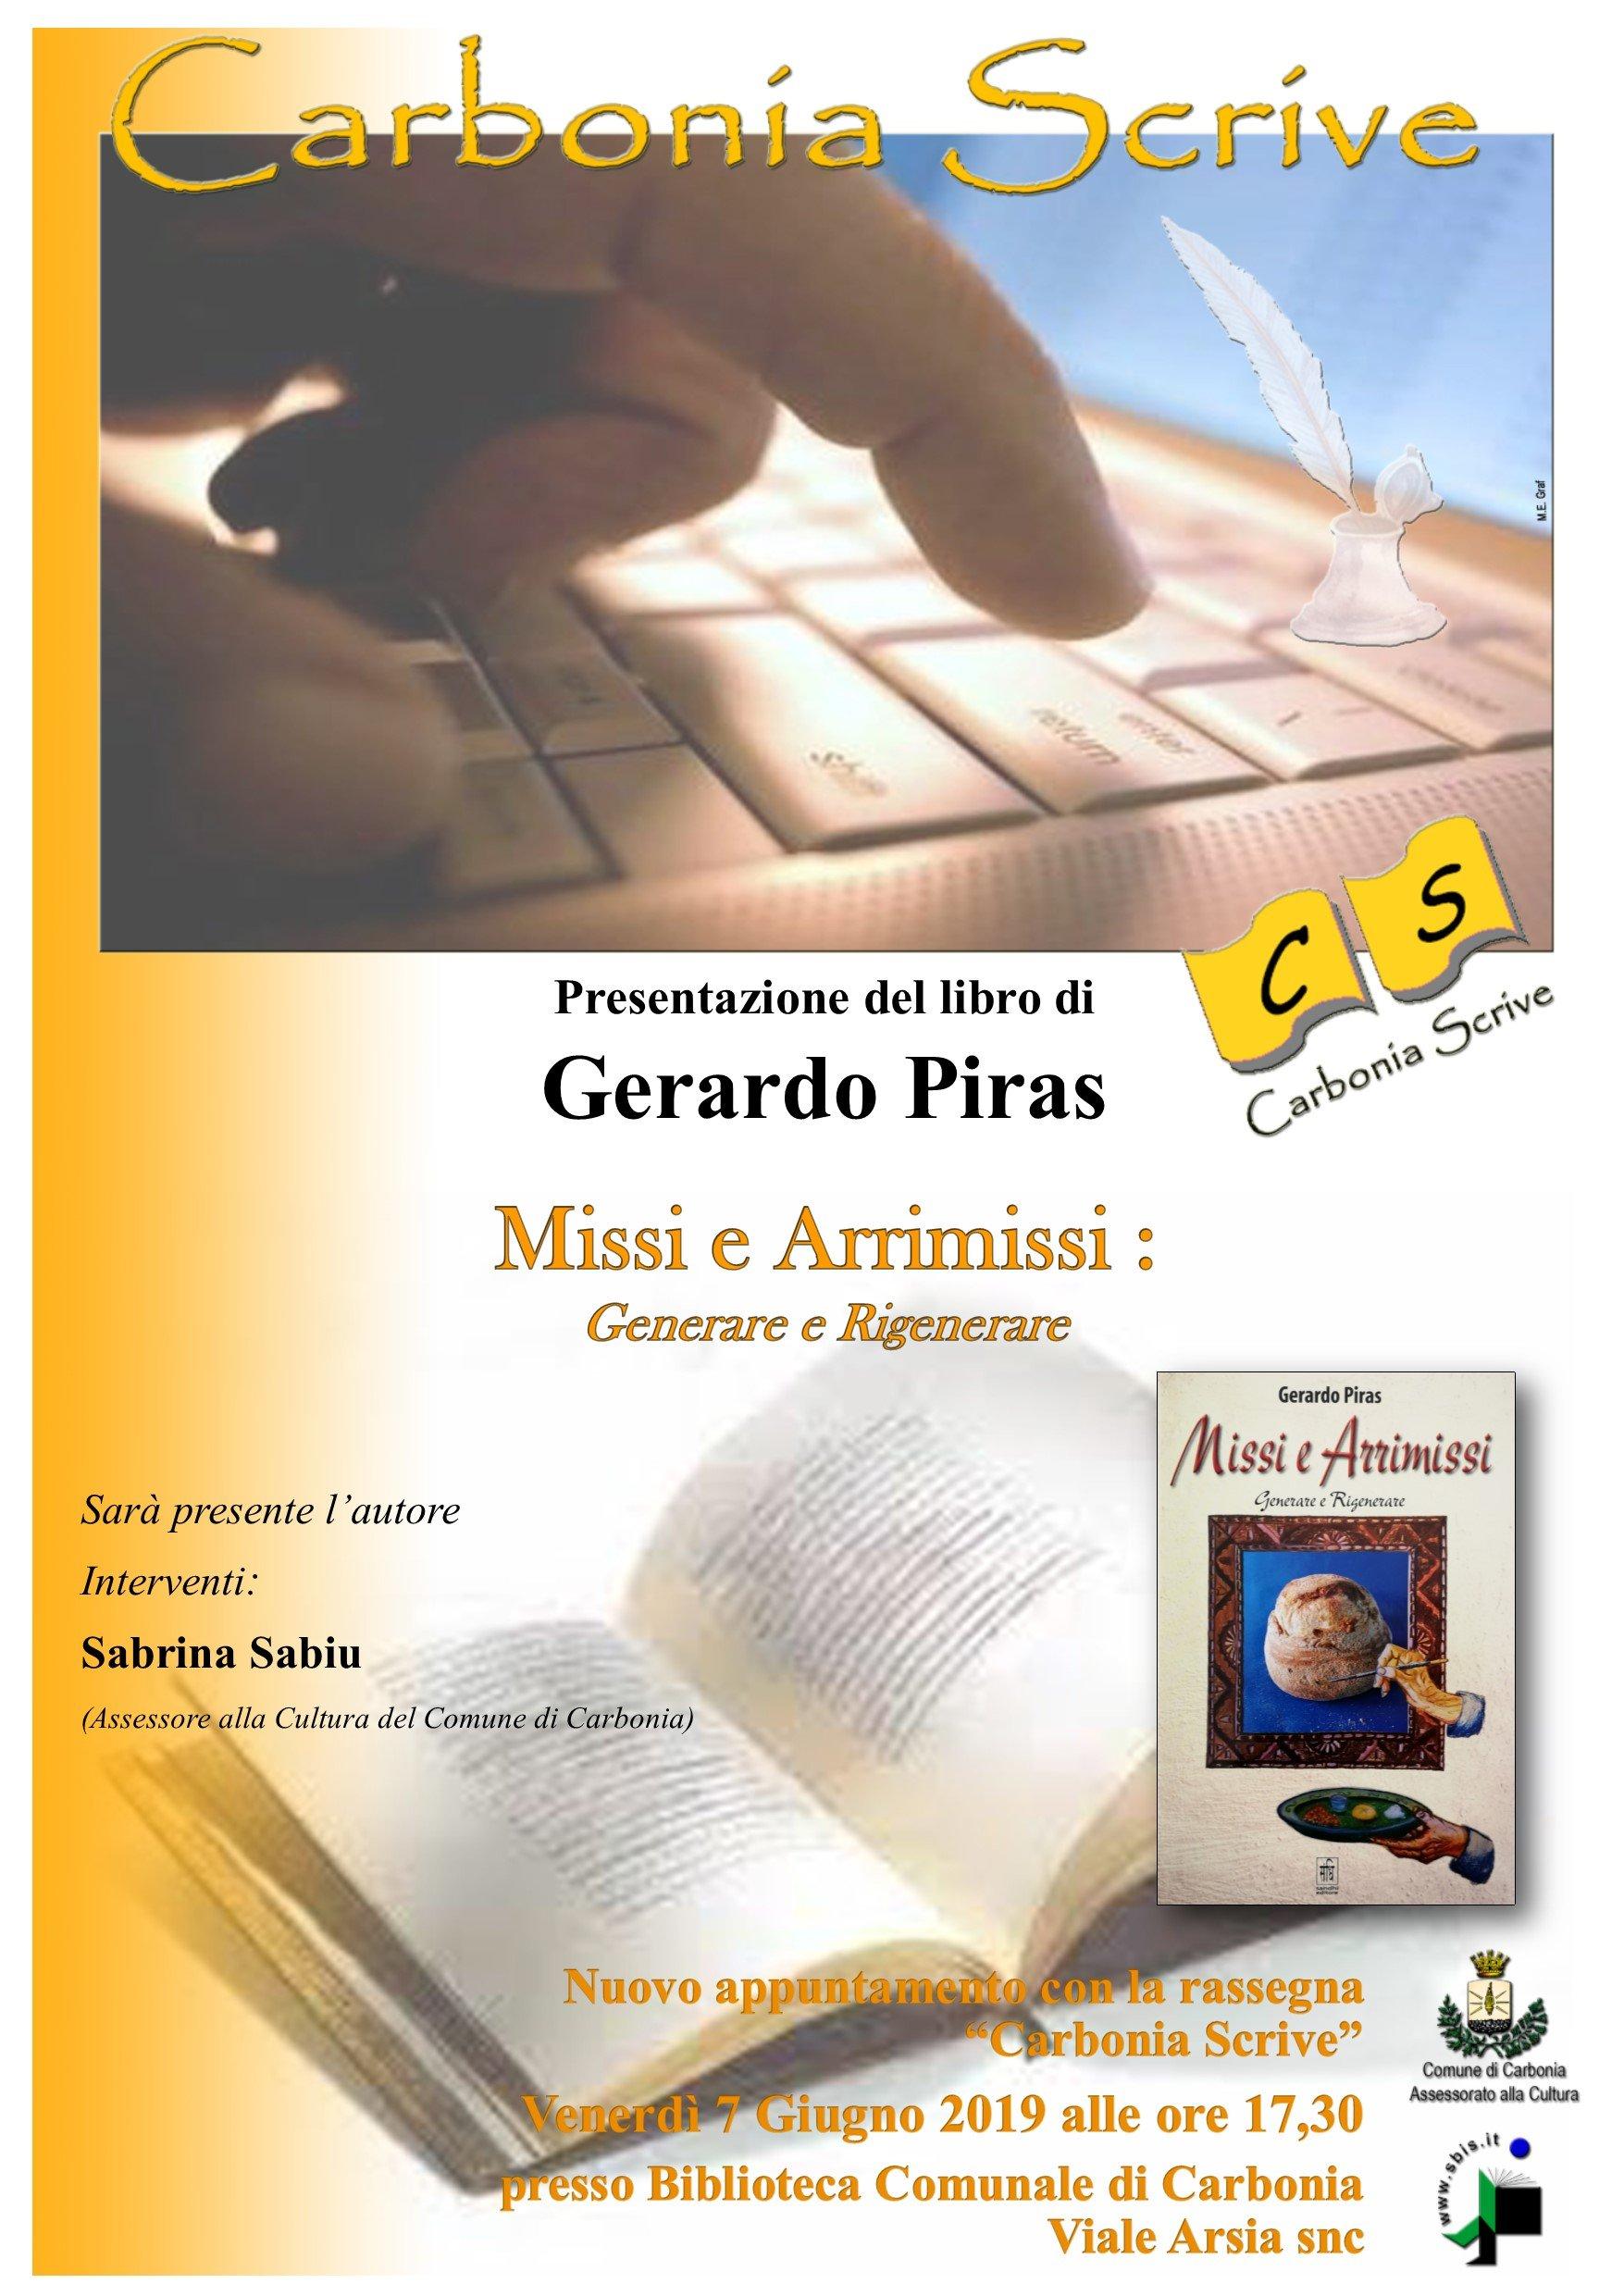 """Venerdì 7 giugno la rassegna """"Carbonia Scrive"""" presenta il libro """"Missi e Arrimissi, generare e rigenerare"""", di Gerardo Piras."""